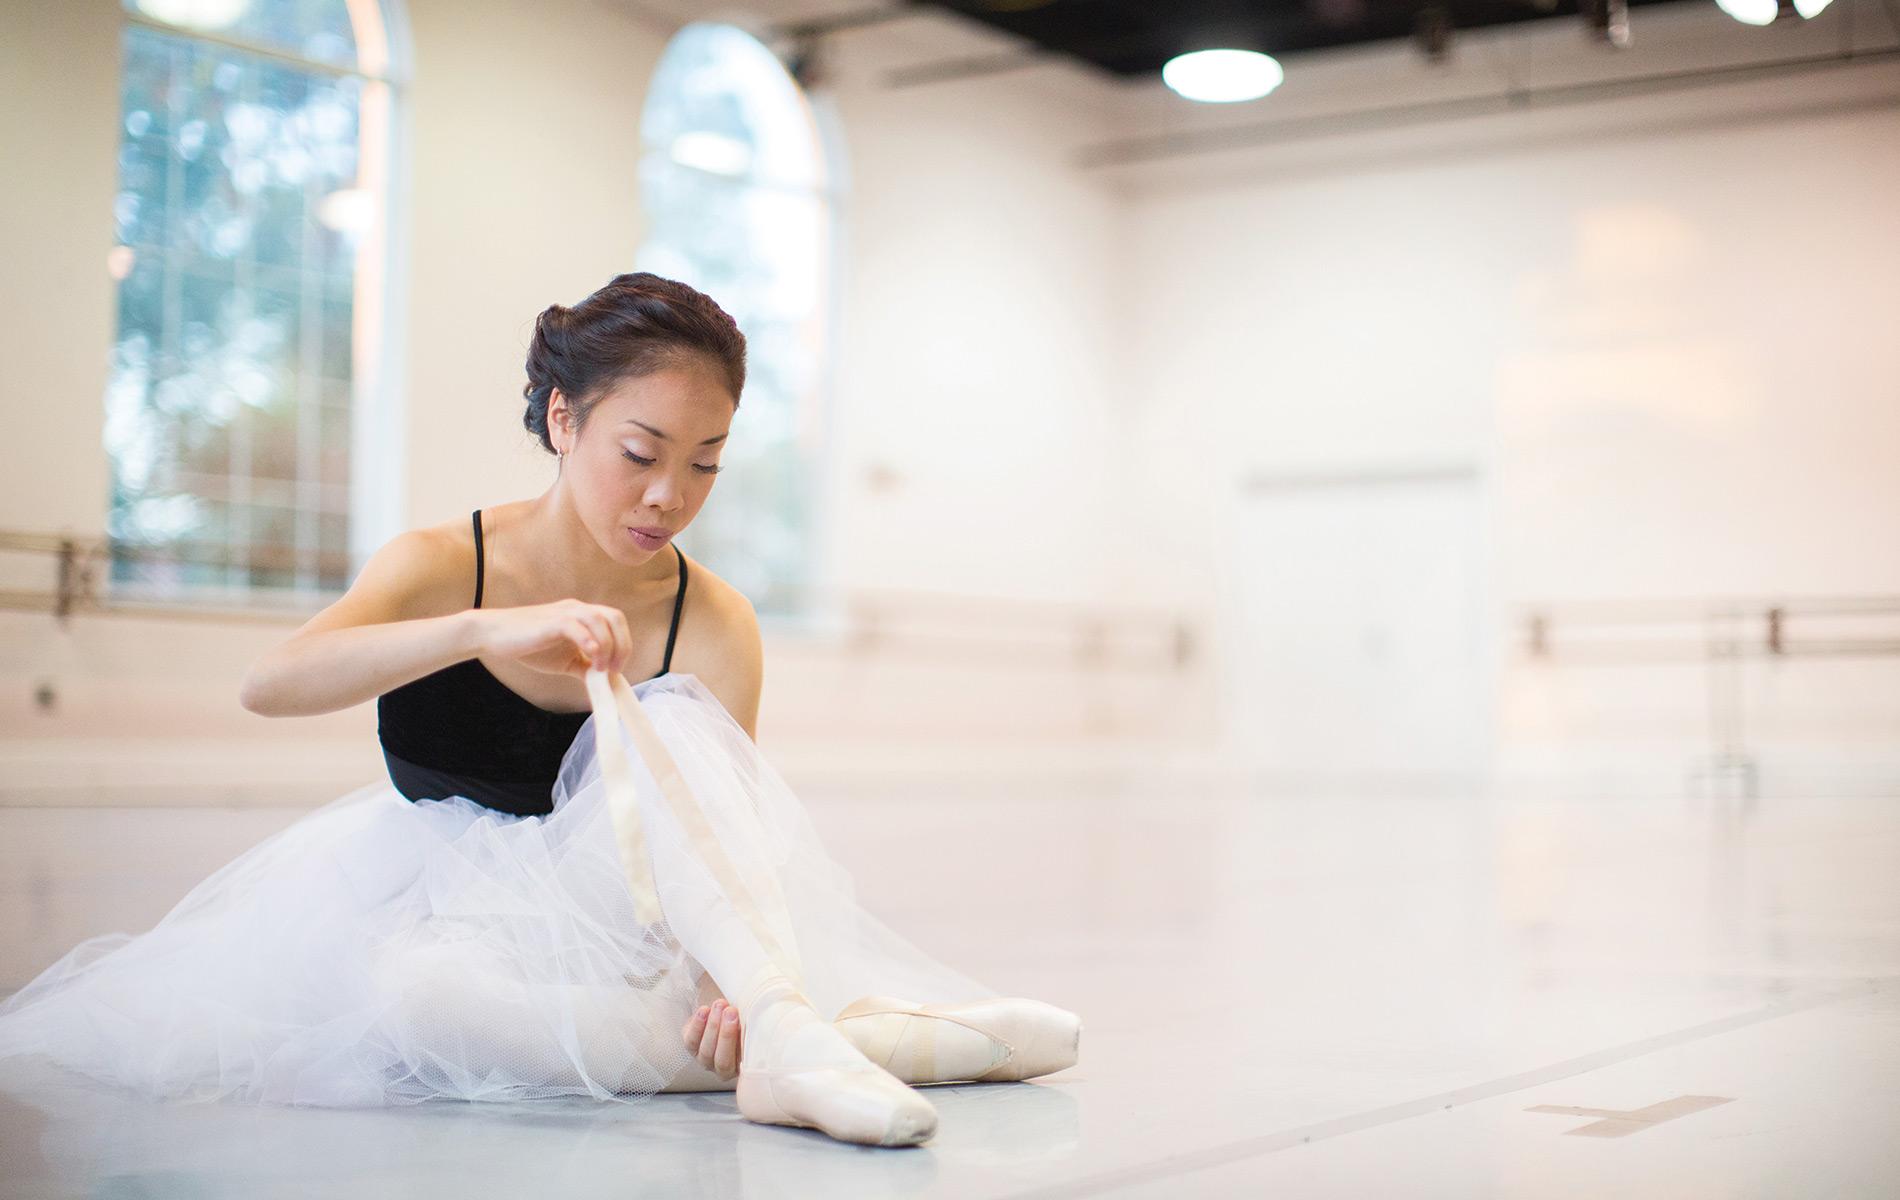 vie-magazine-nwfl-ballet